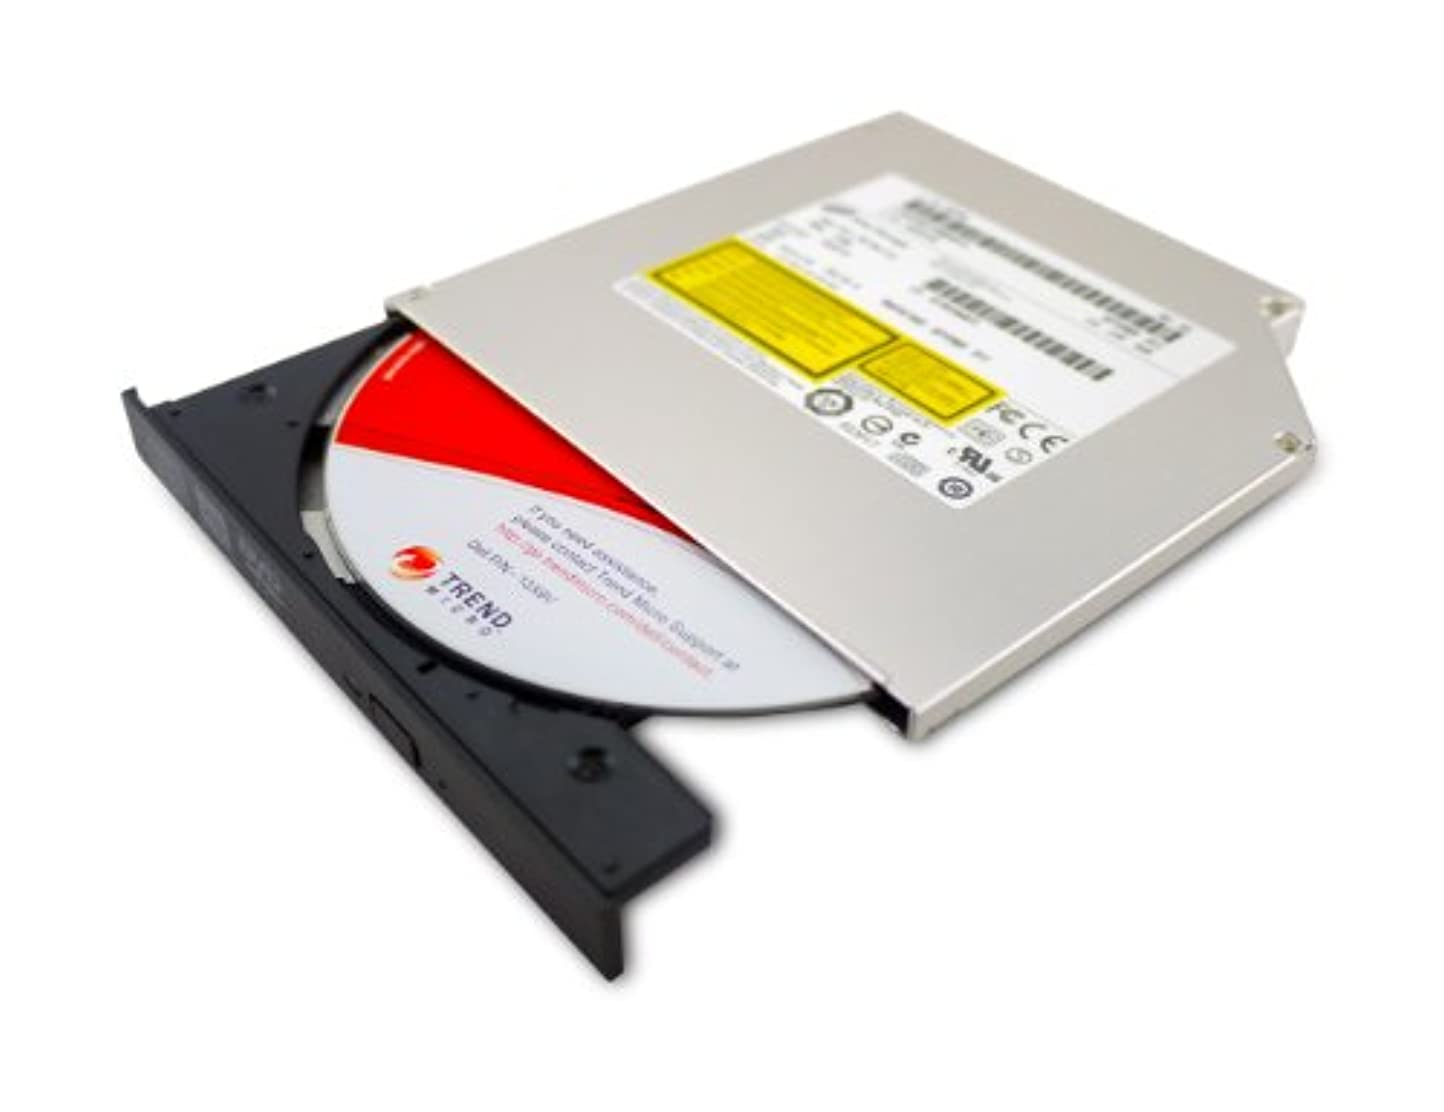 スリッパ時代夜明けにHighDing SATA CD DVD - ROM / RAM DVD - RWドライブライターバーナーfor HP ProBook 4430s 4431s 4435s